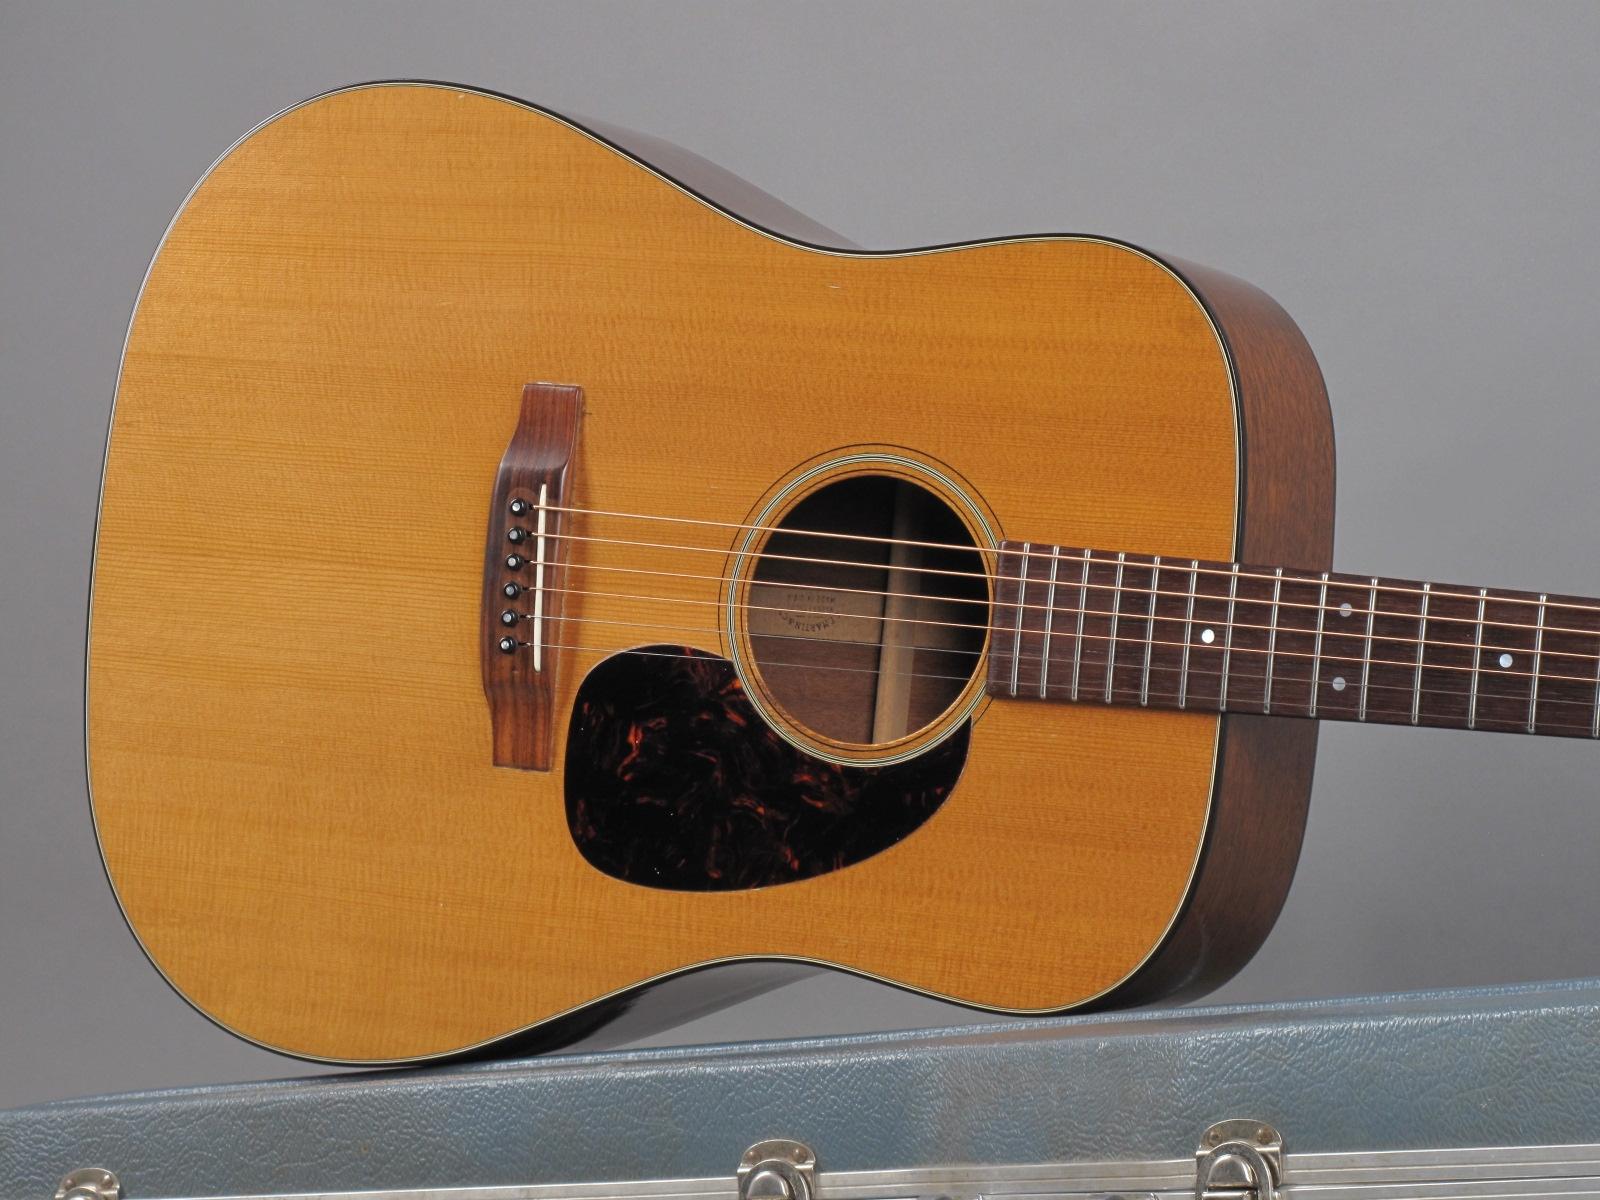 https://guitarpoint.de/app/uploads/products/1967-martin-d-18-natural/1967-Martin-D-18-Natural-218214-19.jpg